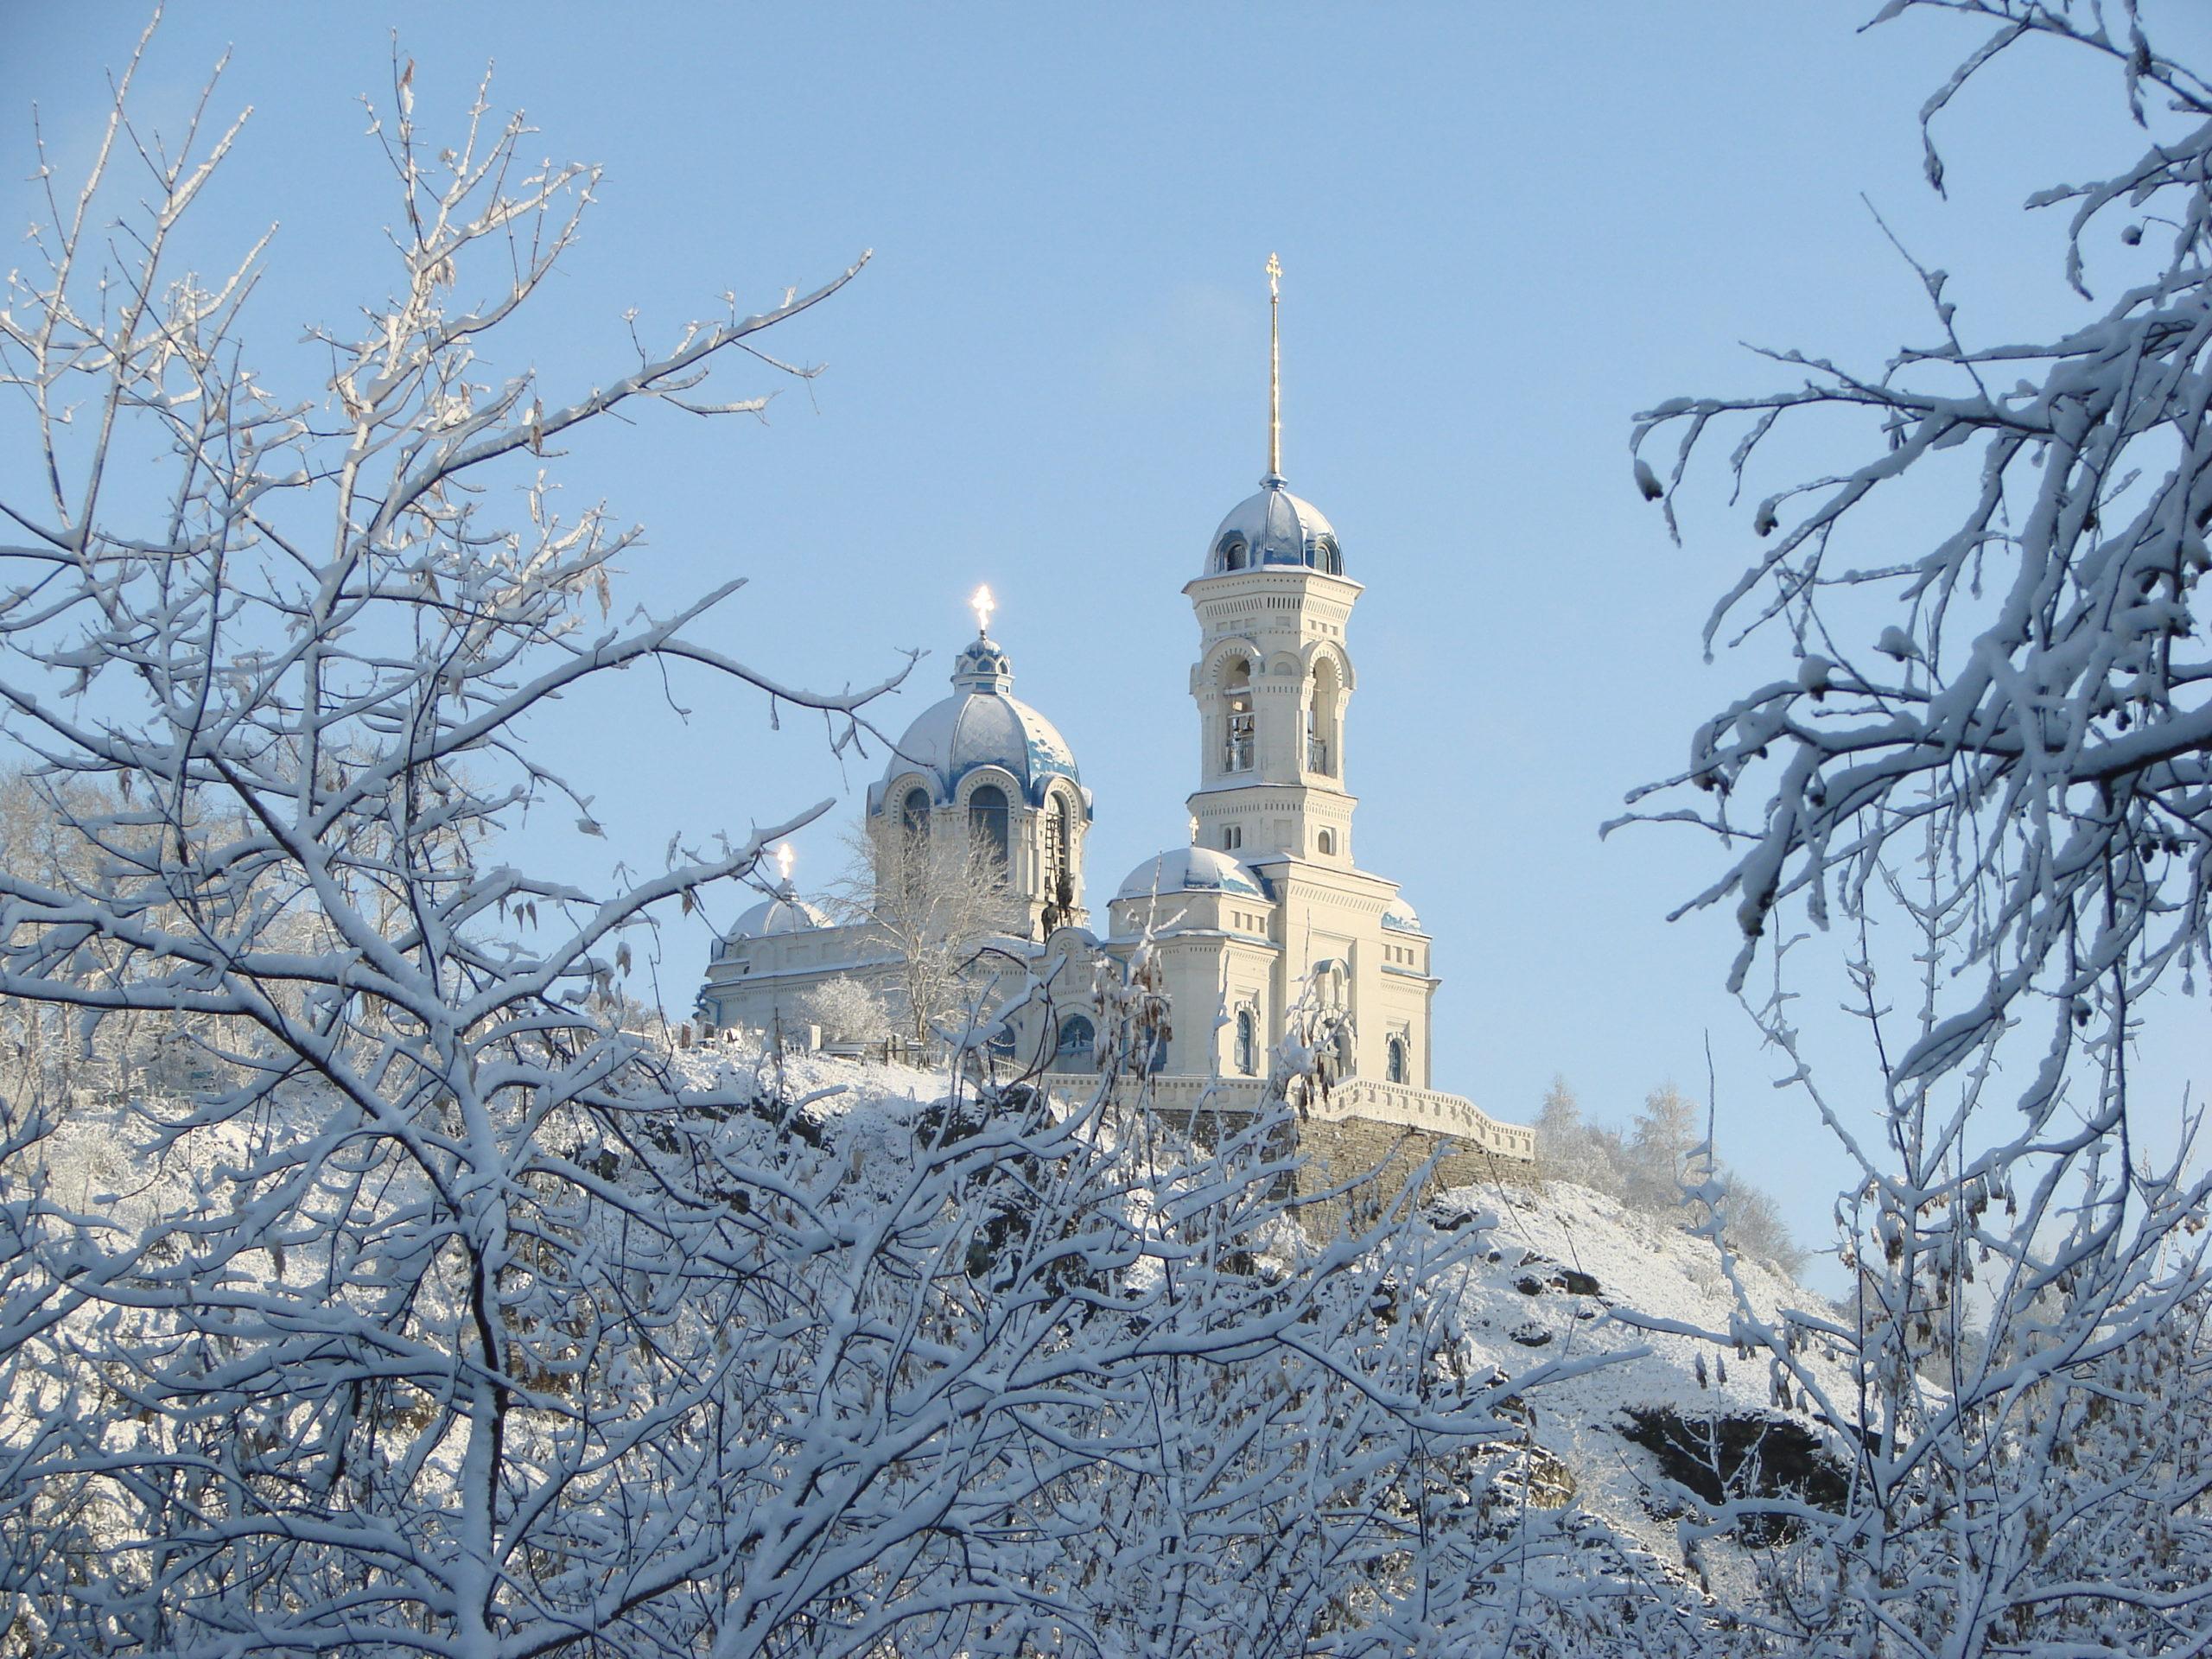 Нагорный храм в Реже зимой